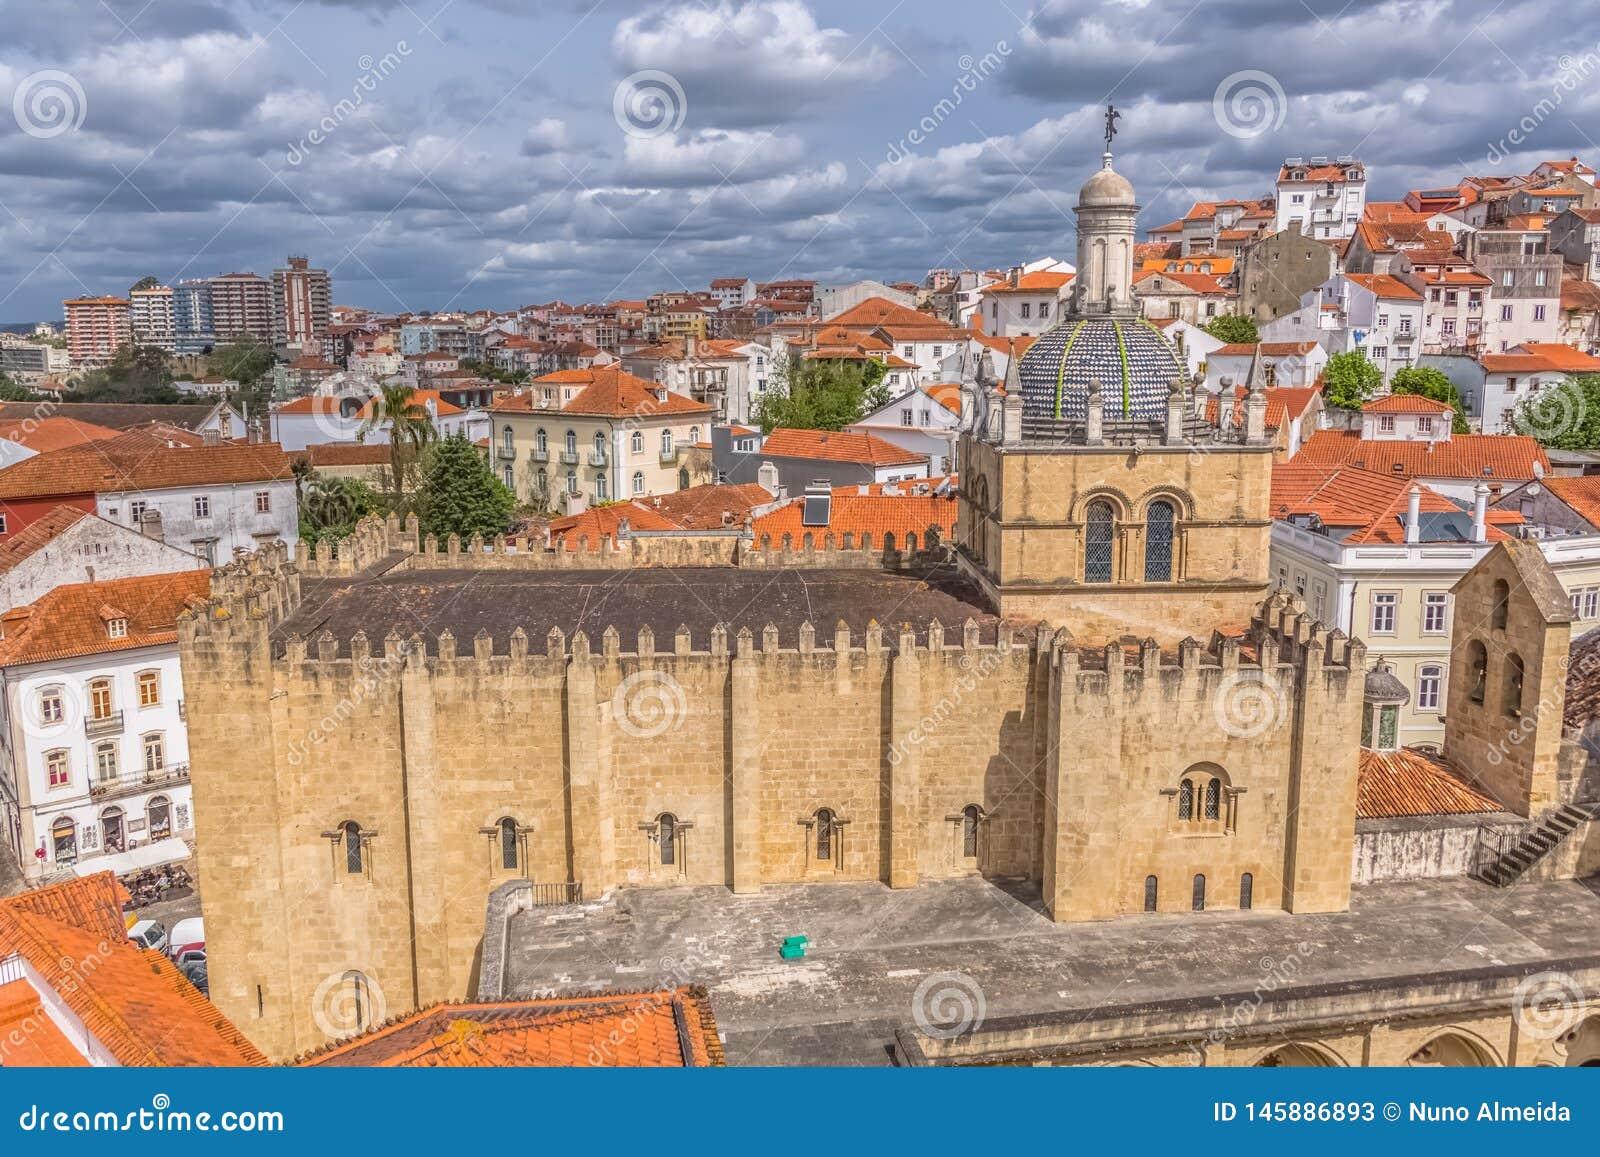 Vista a?rea del edificio medieval de la ciudad de la catedral de Co?mbra, de Co?mbra y del cielo como fondo, Portugal